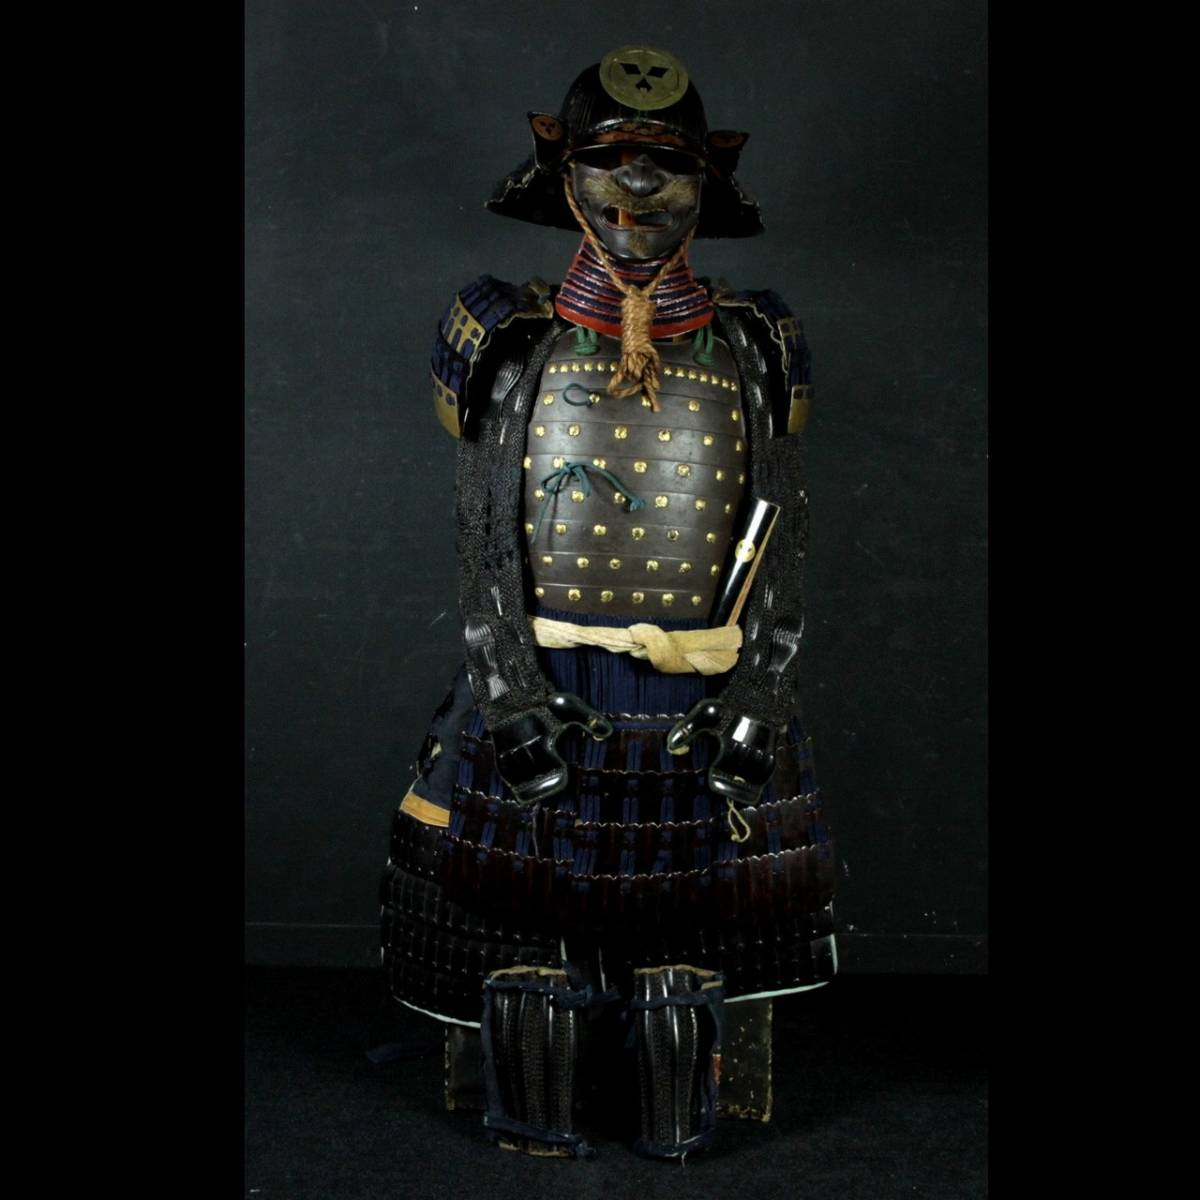 ◆櫟◆ 本時代 鉄地 九枚笹家紋 鎧兜 六十間筋兜 面皰 鎧櫃 武具甲冑 [V175.6]Ujk7